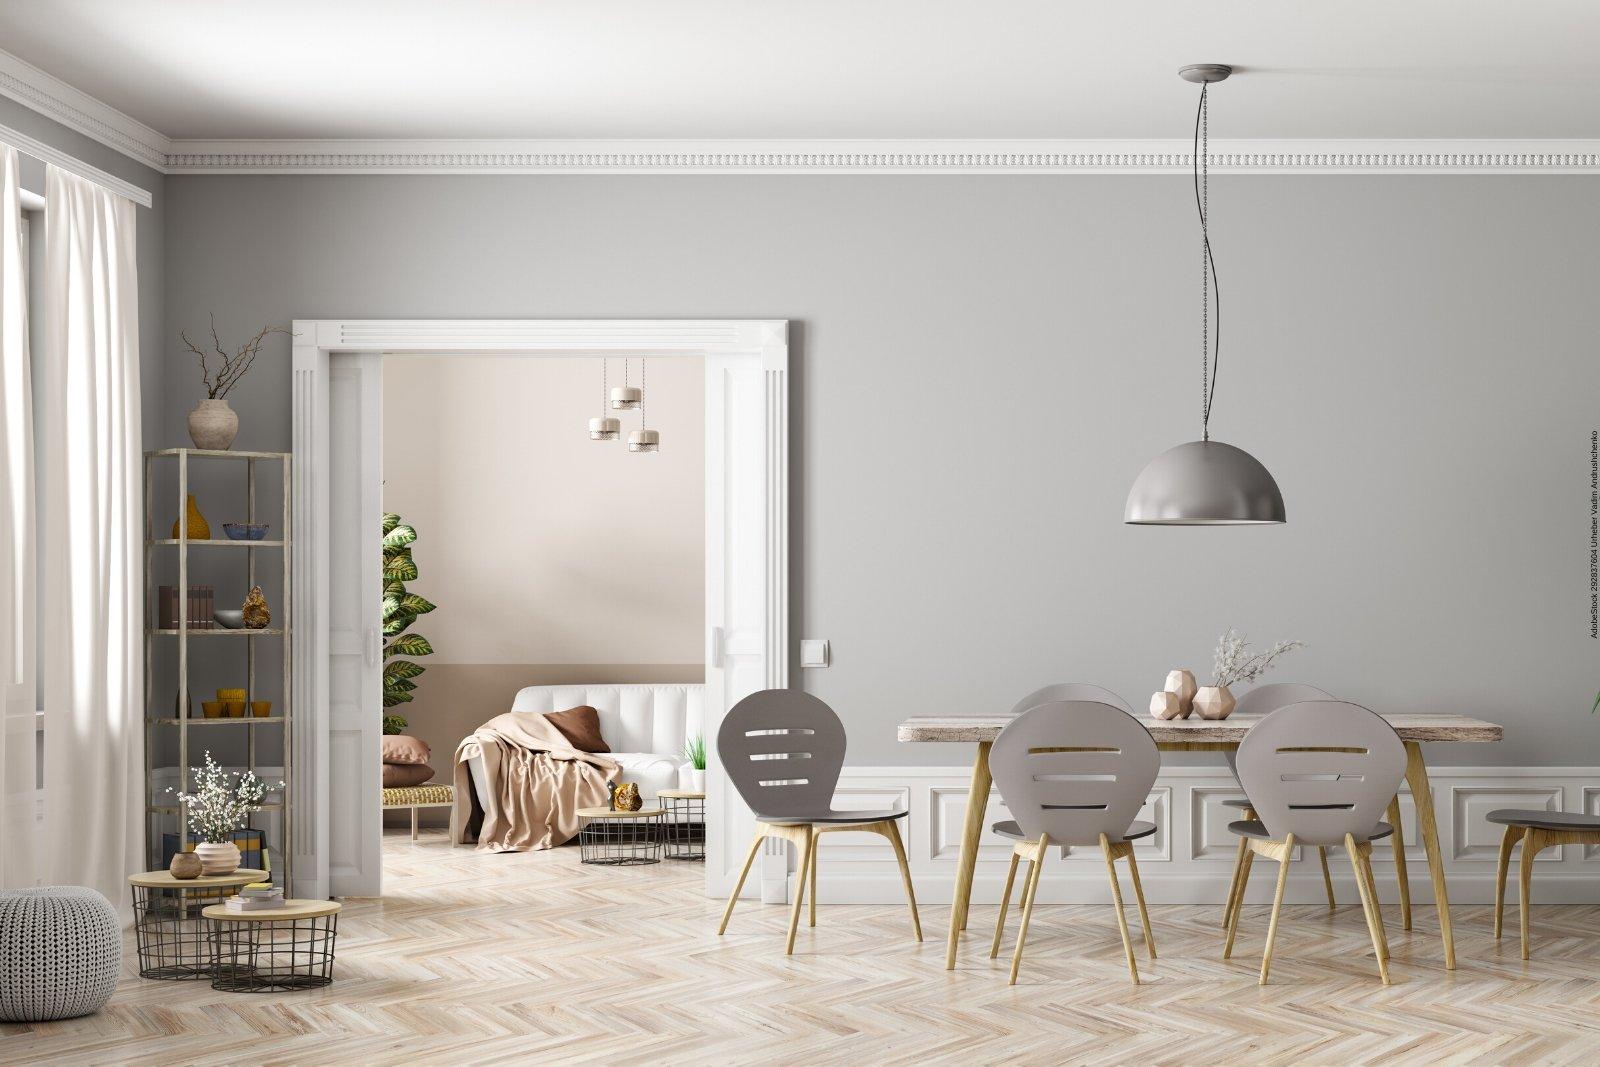 Holzmann - Wohnideen für Ihr Zuhause